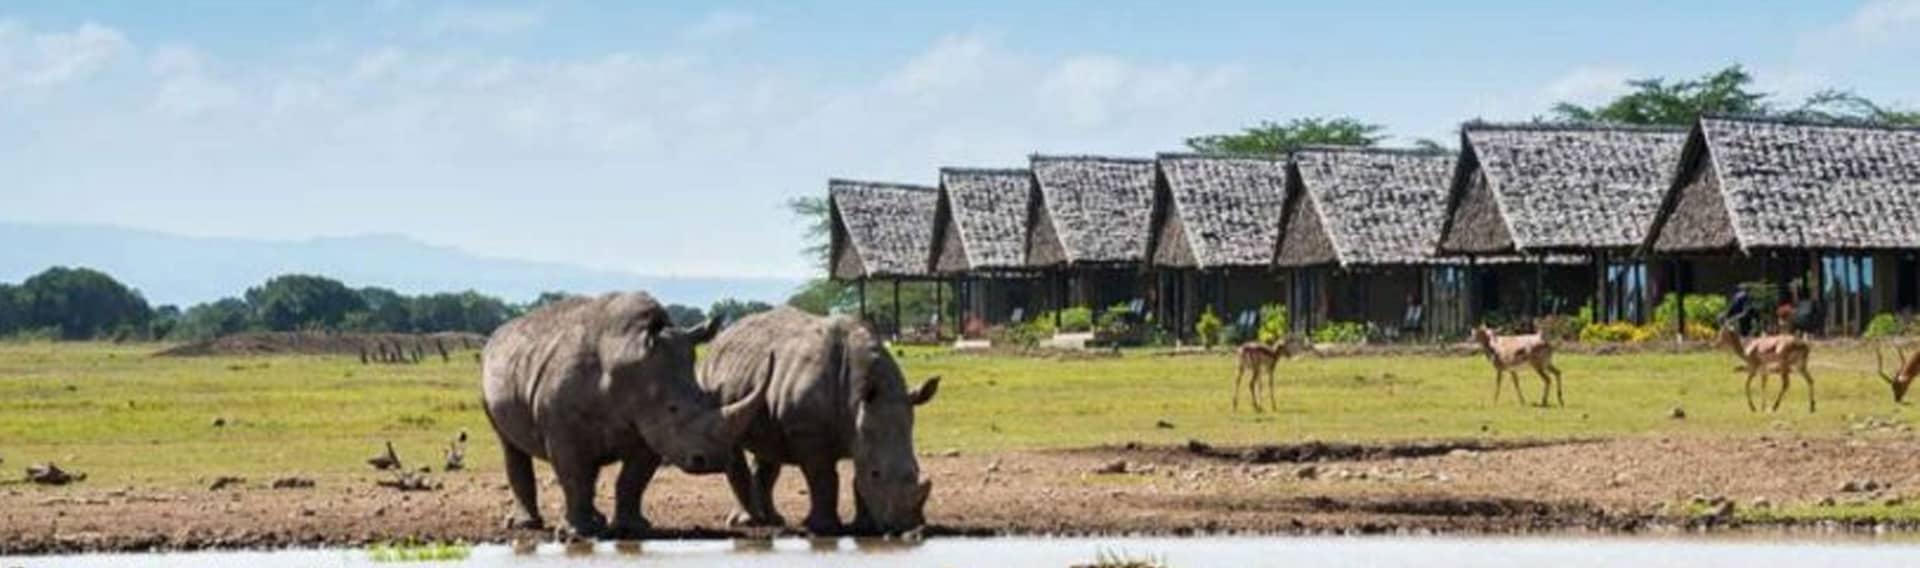 Rhinos waterhole at Ol Pejeta Conservancy